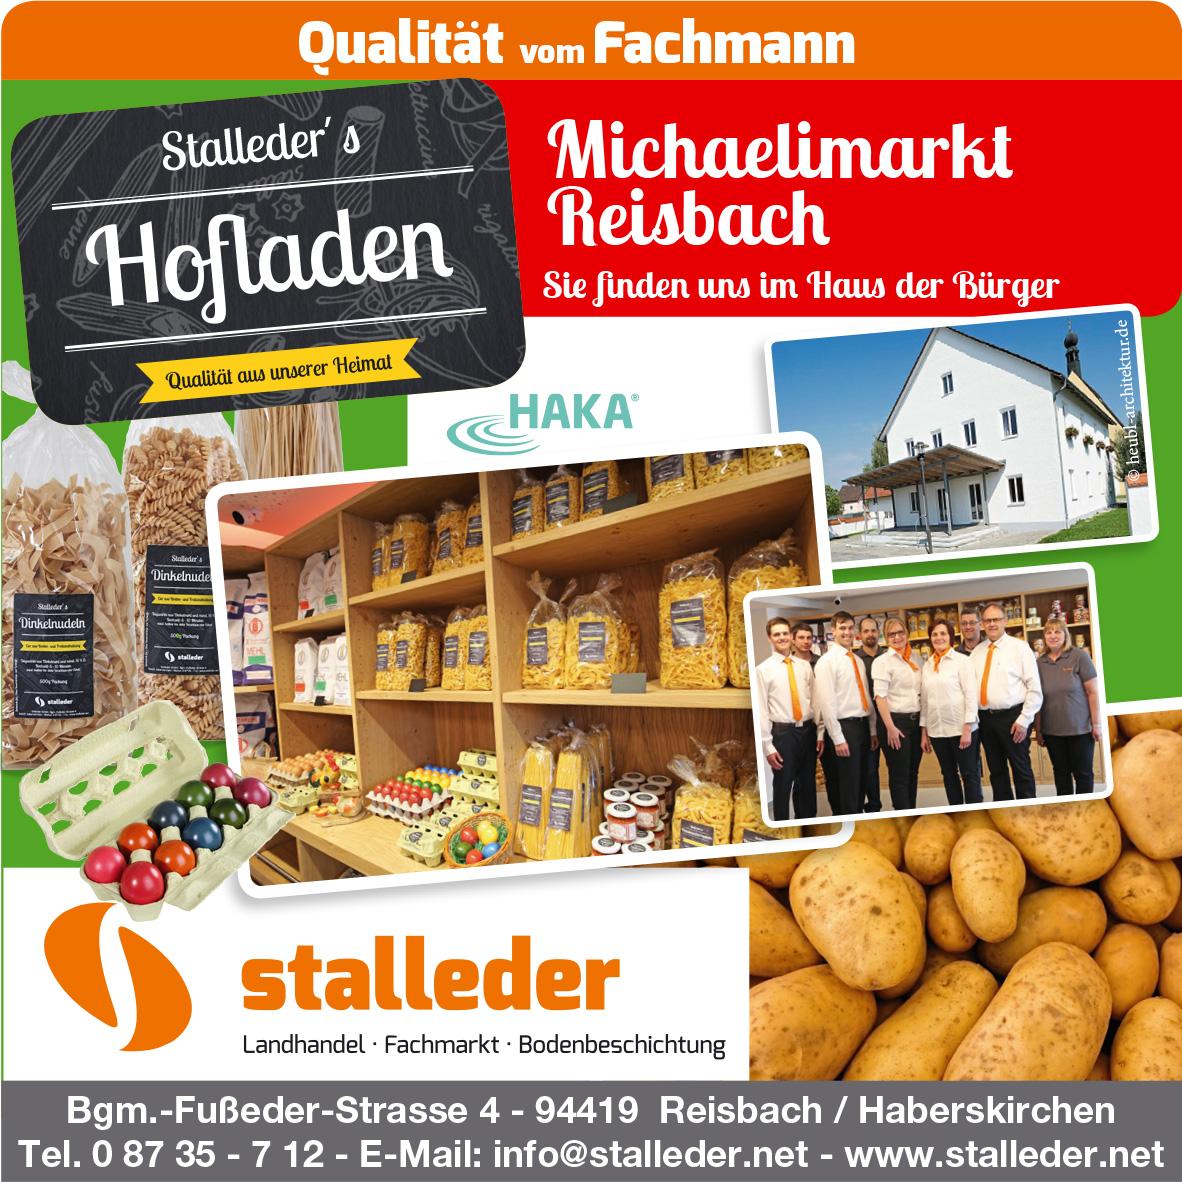 Stalleder's Hofladen beim Michaelimarkt am 23. Sept. 2018 in Reisbach mit dabei